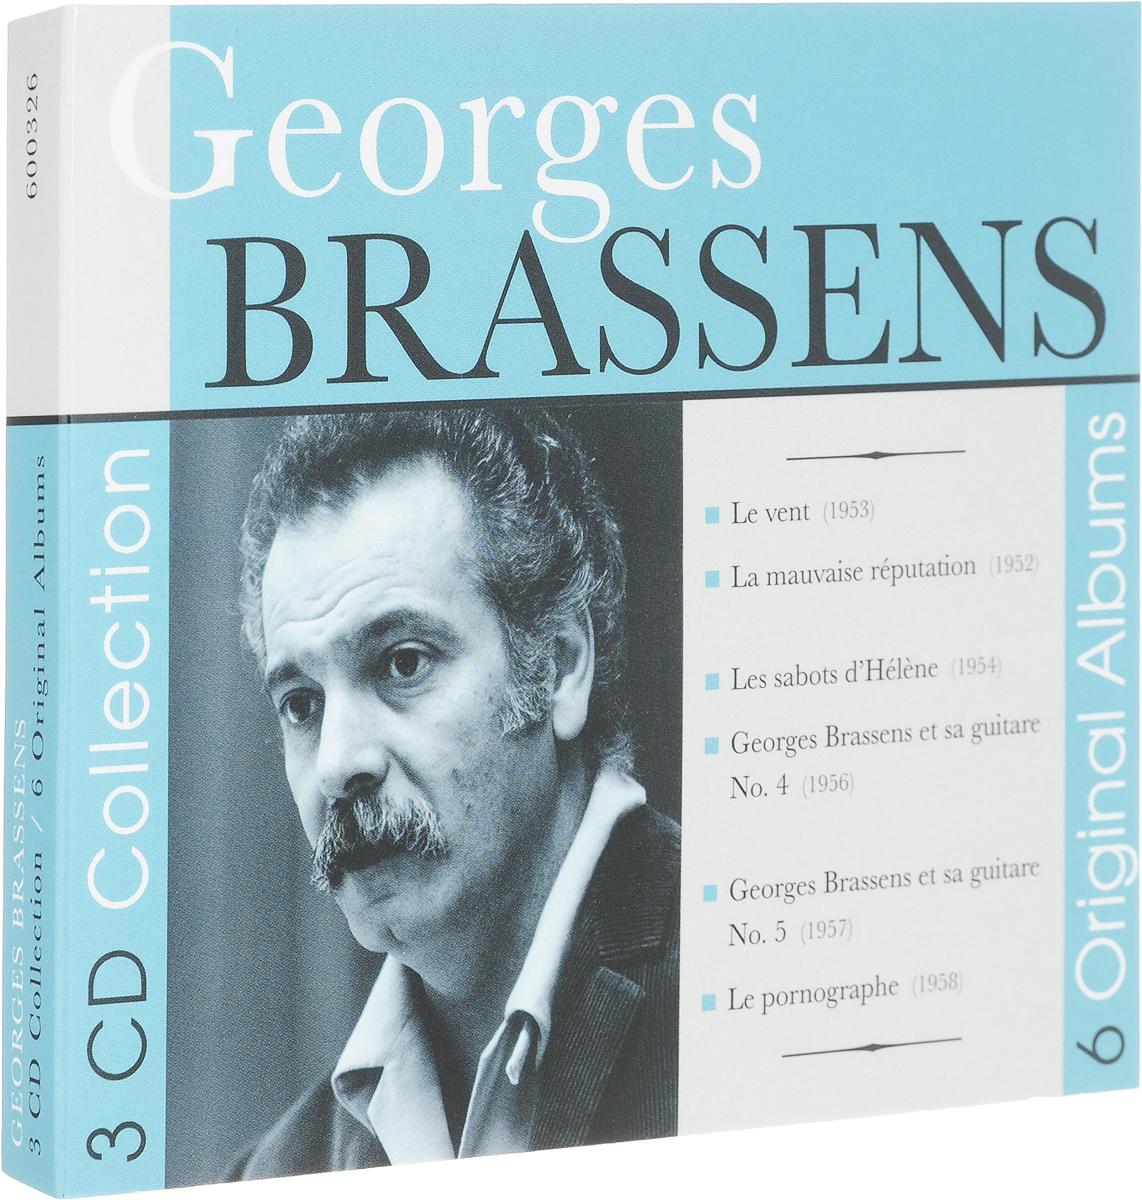 Жорж Брассенс Georges Brassens. 6 Original Albums (3 CD) жорж брассенс georges brassens les amoureux des bancs publics vol 2